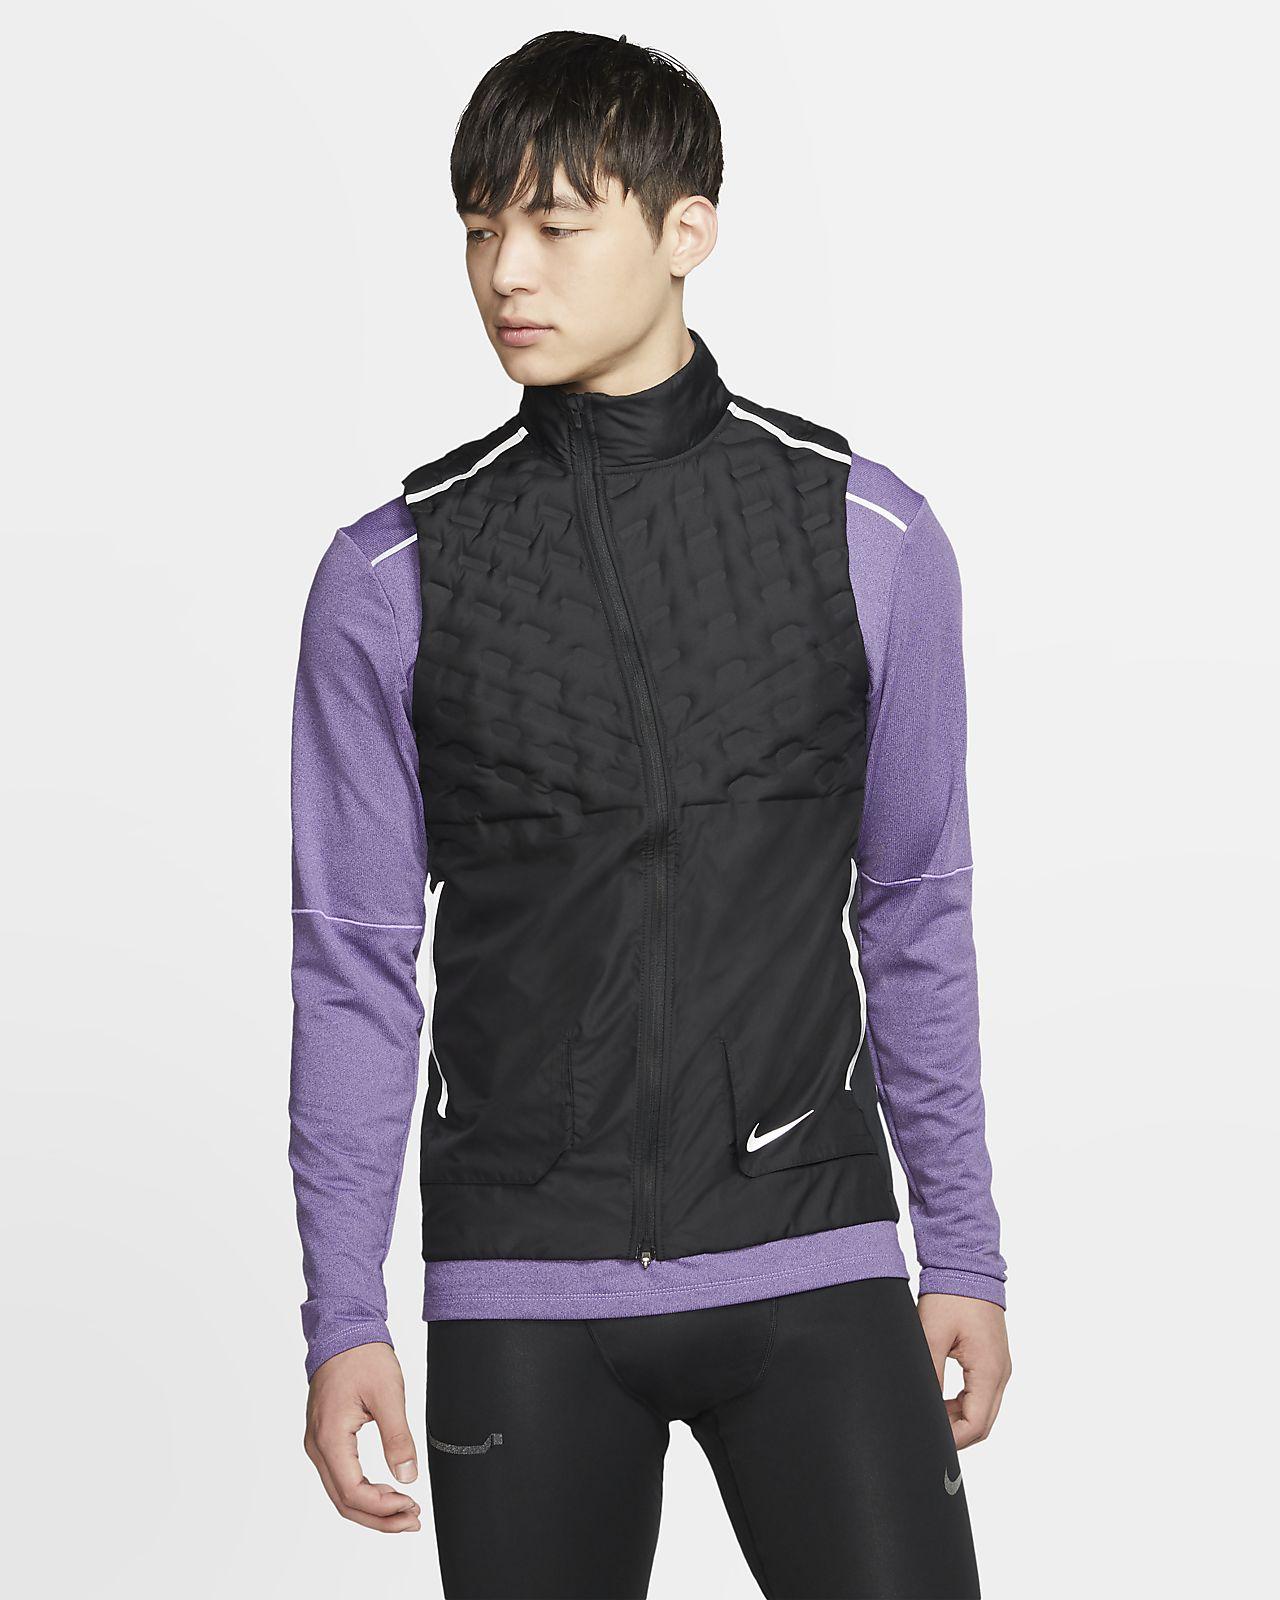 veste sans manches nike acg purple